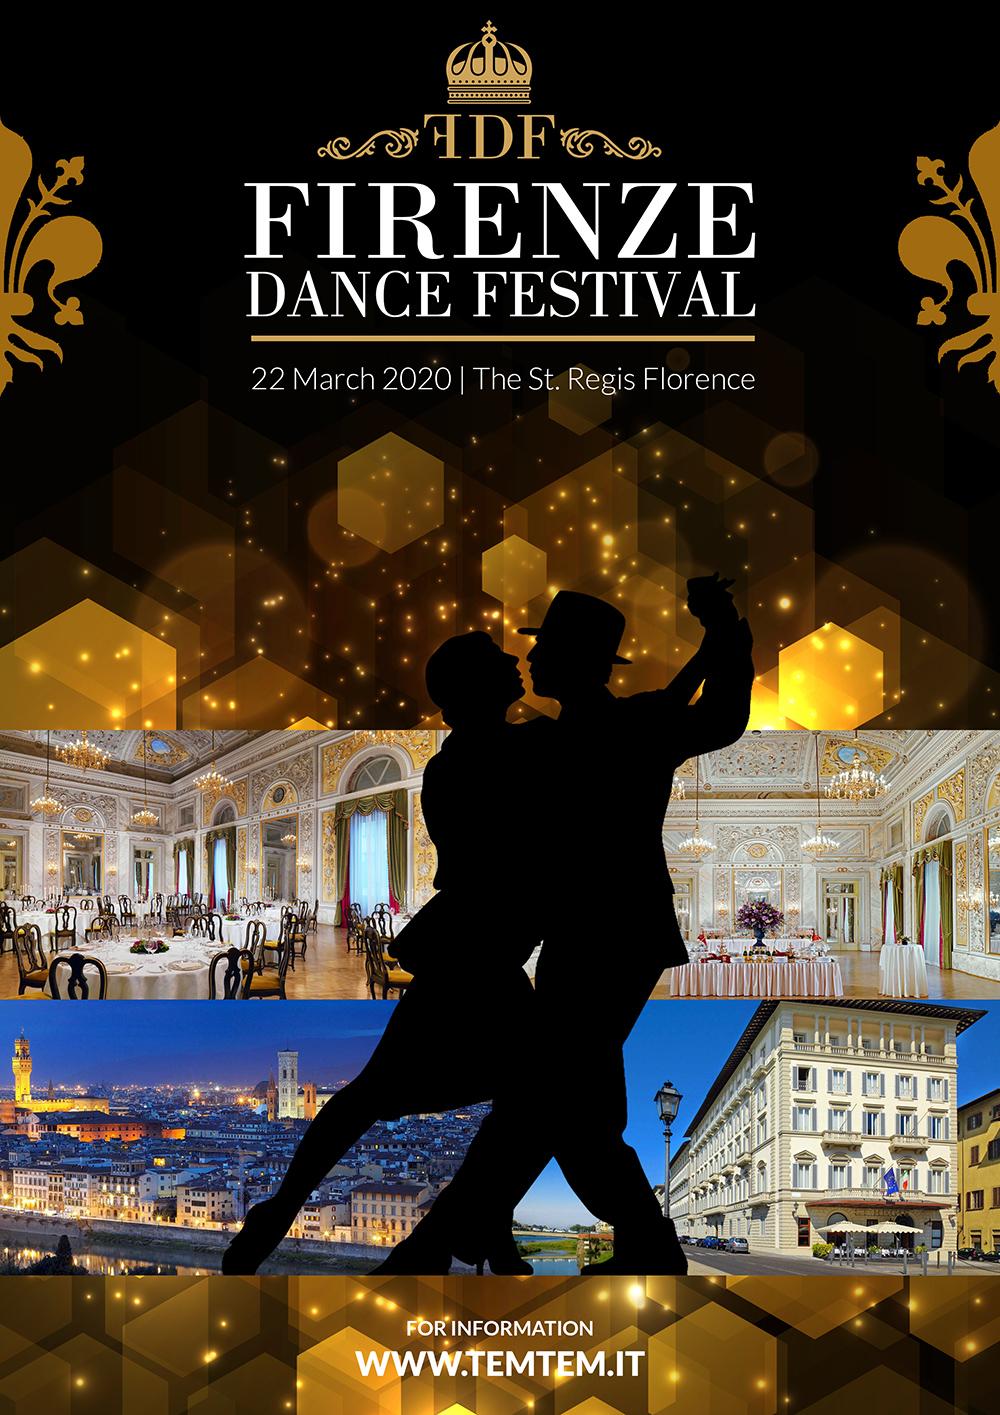 Firenze Dance Festival